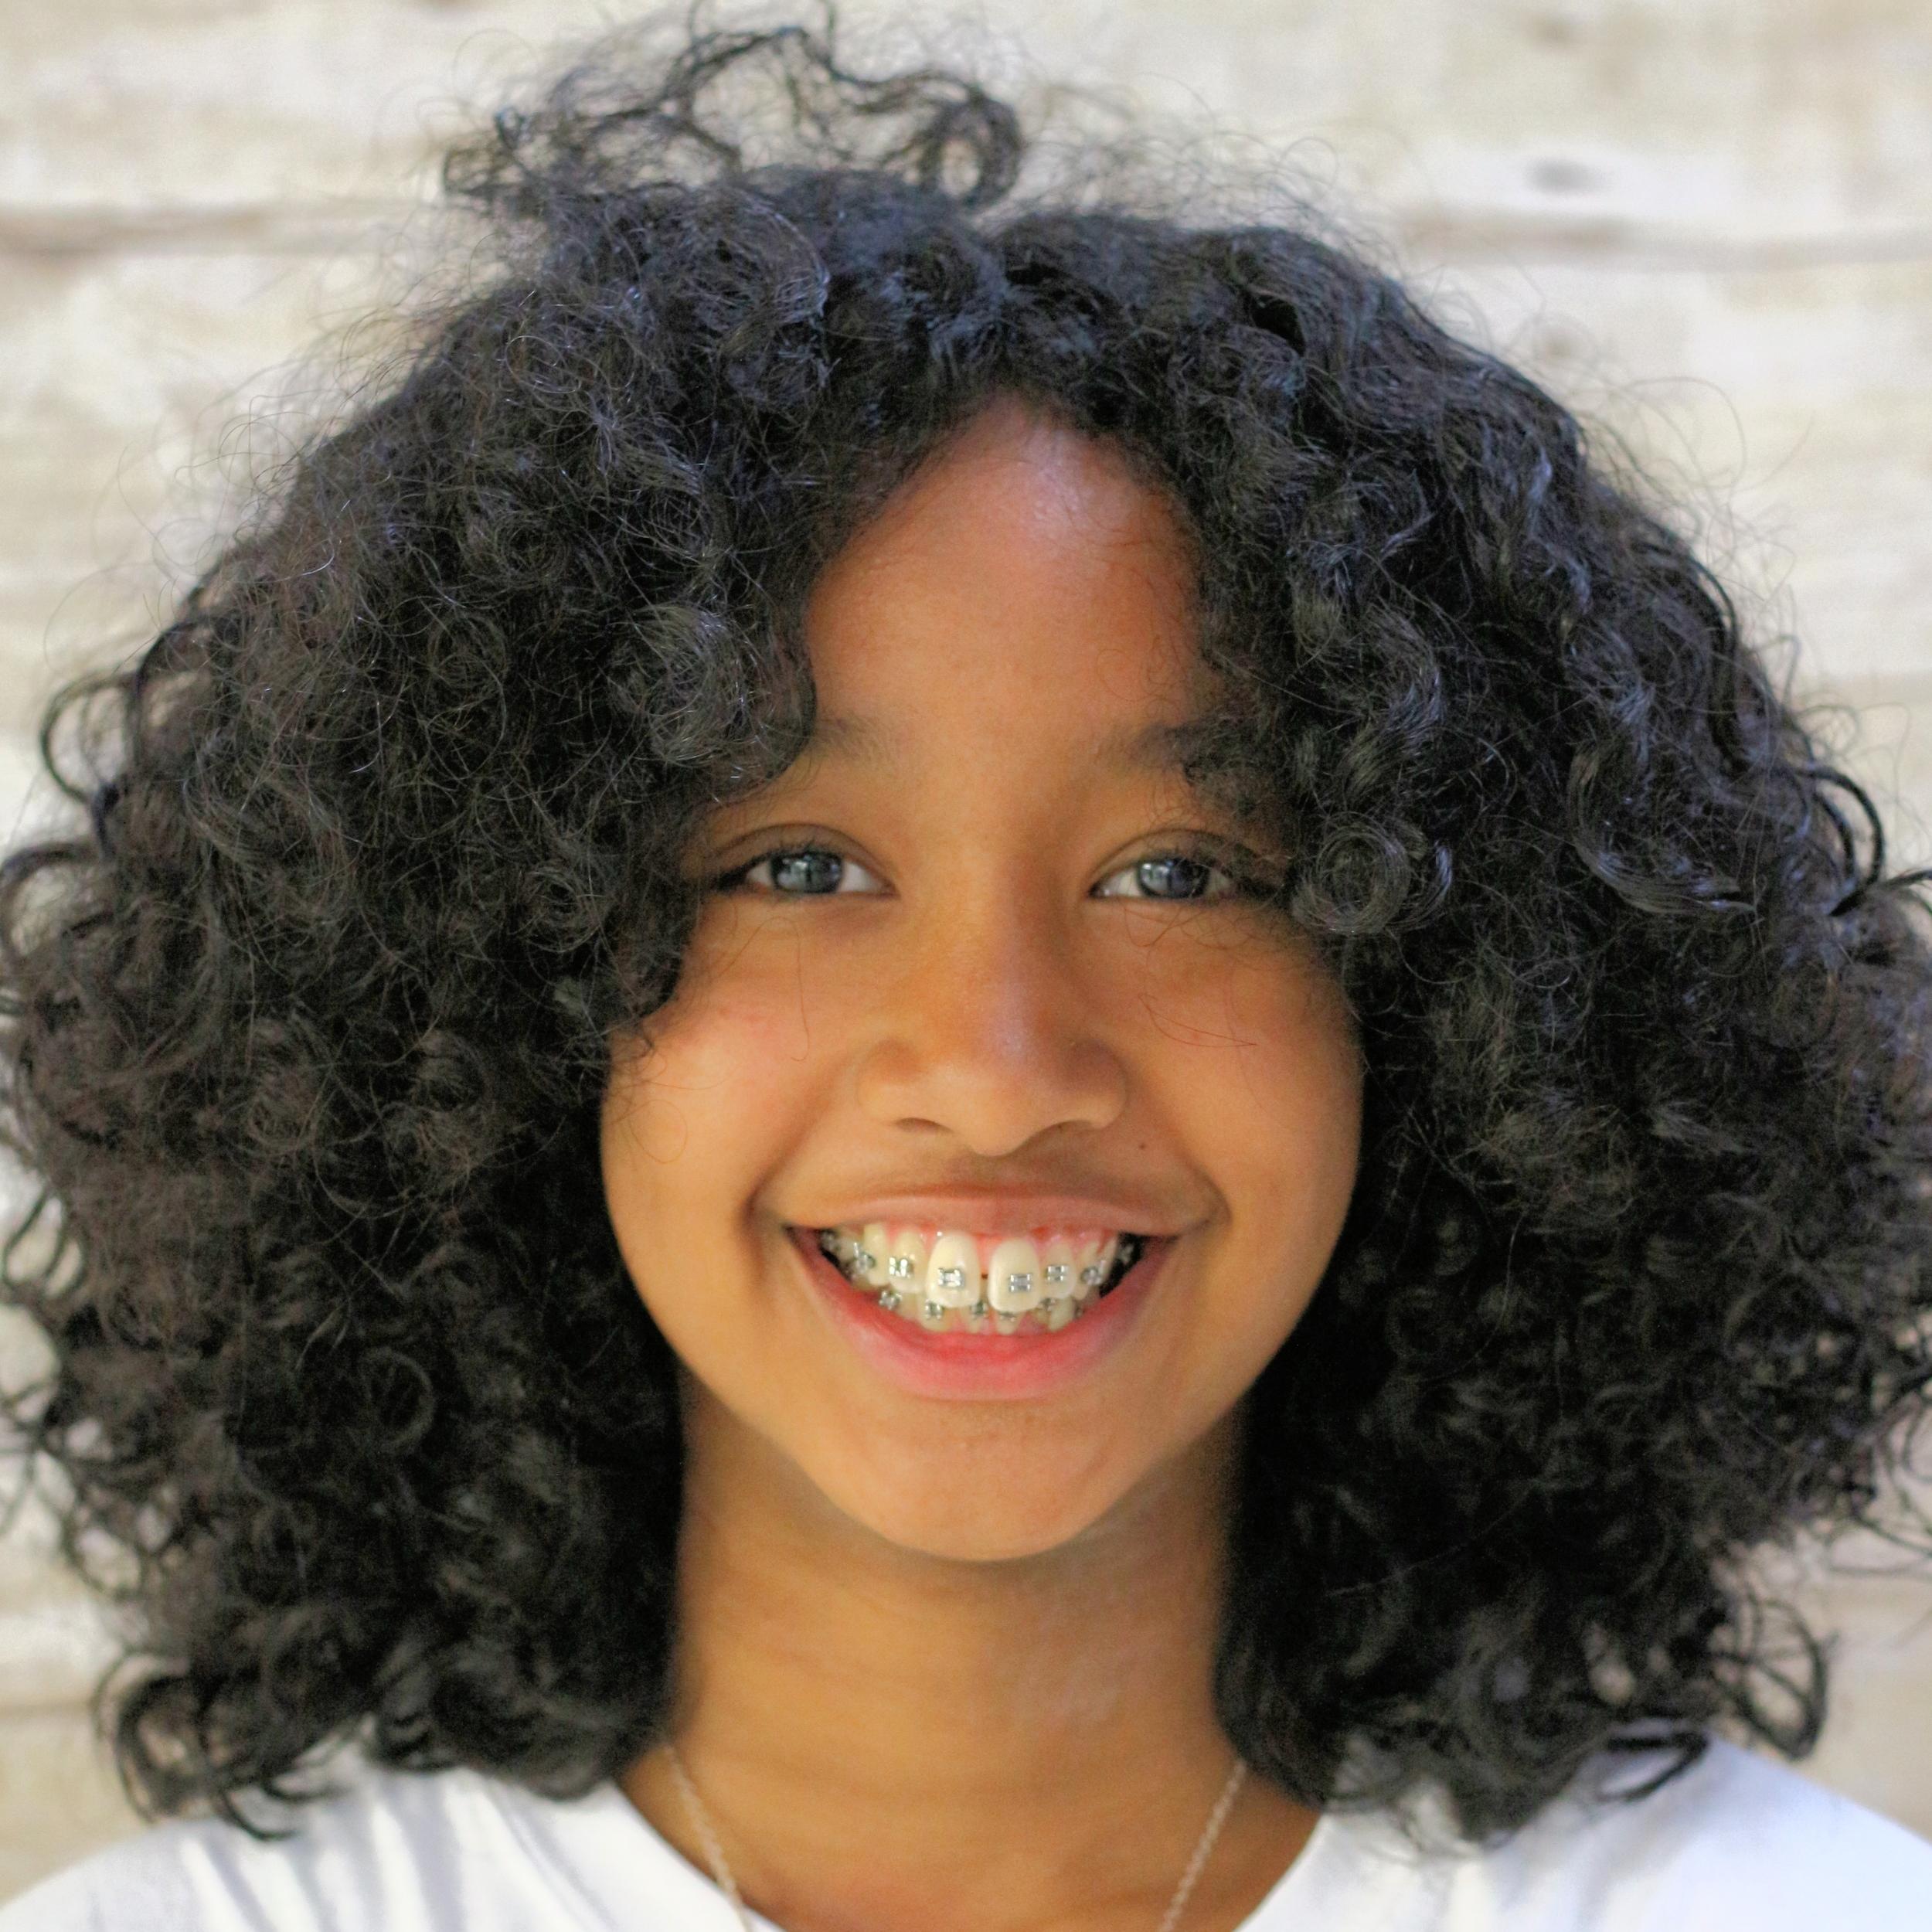 Salonae, age 12, Bushwick, Brooklyn, NY